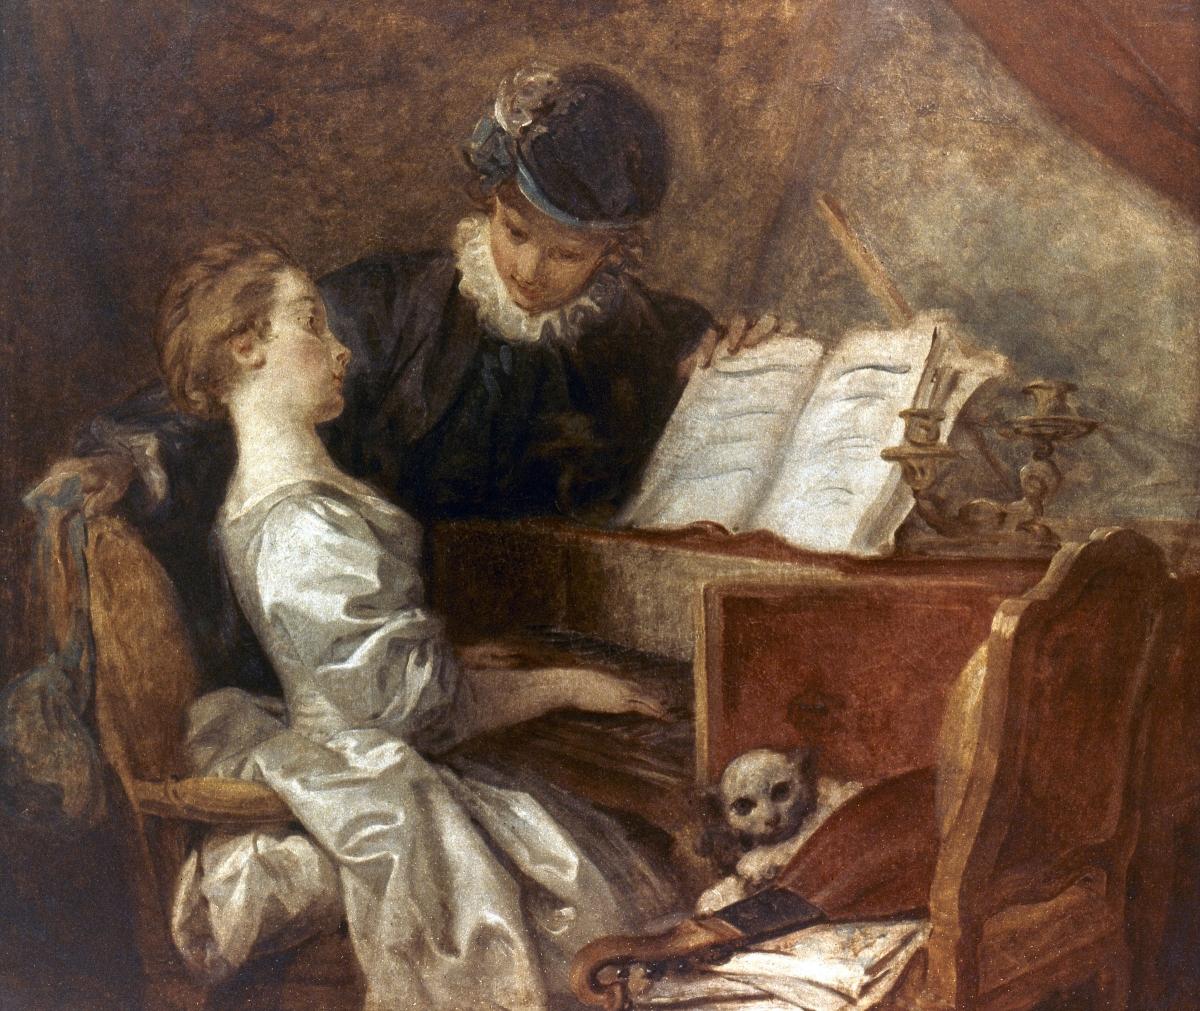 La leçon de musique tableau peint par Jean-Honoré Fragonard